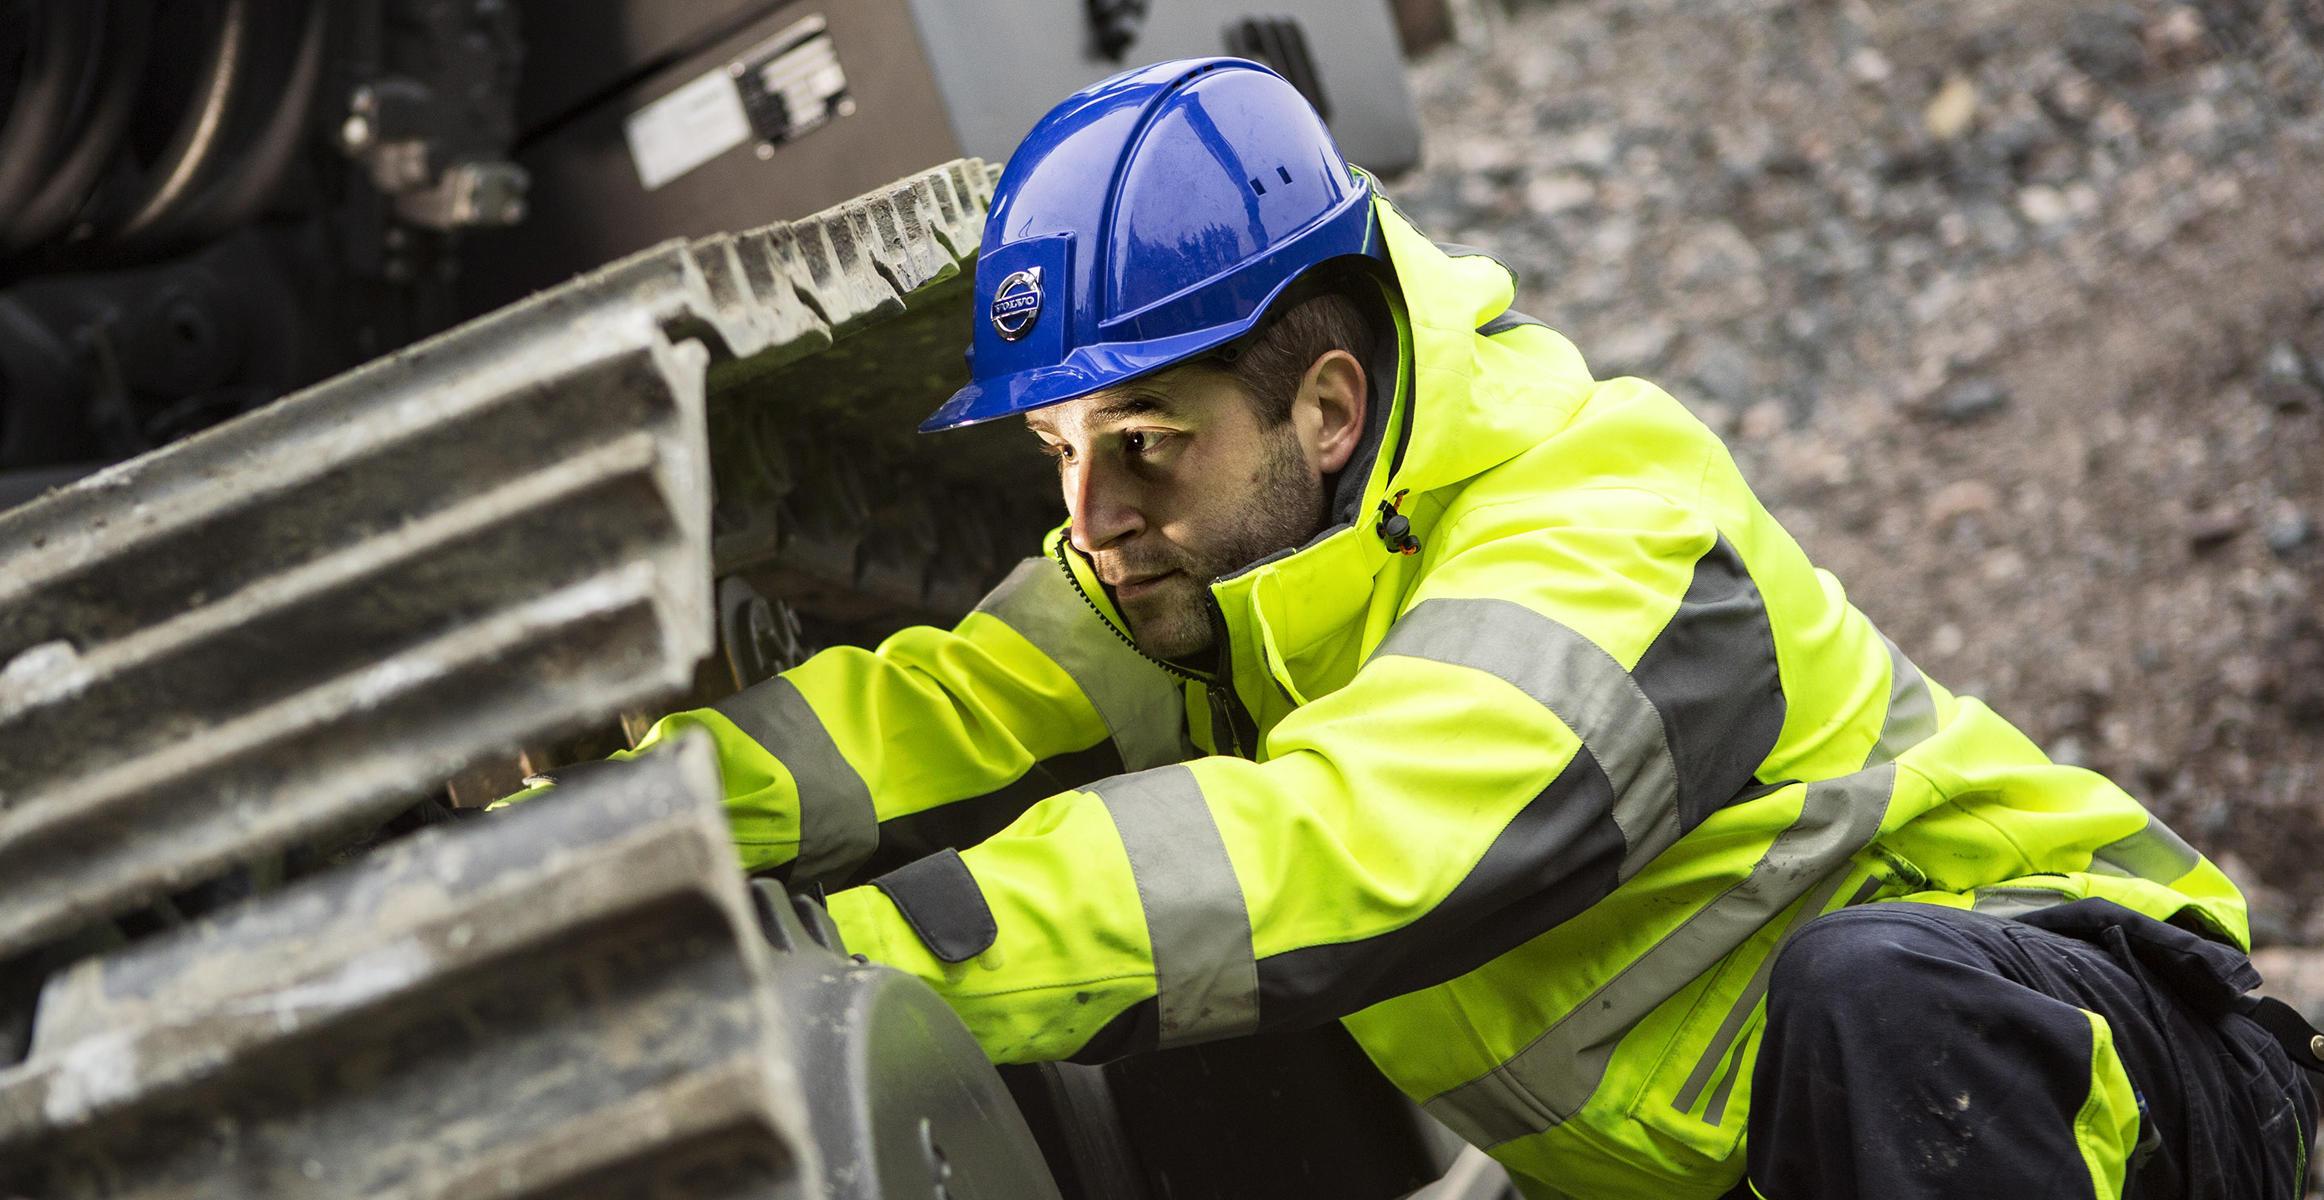 manutenzione escavatore: tensione dei cingoli